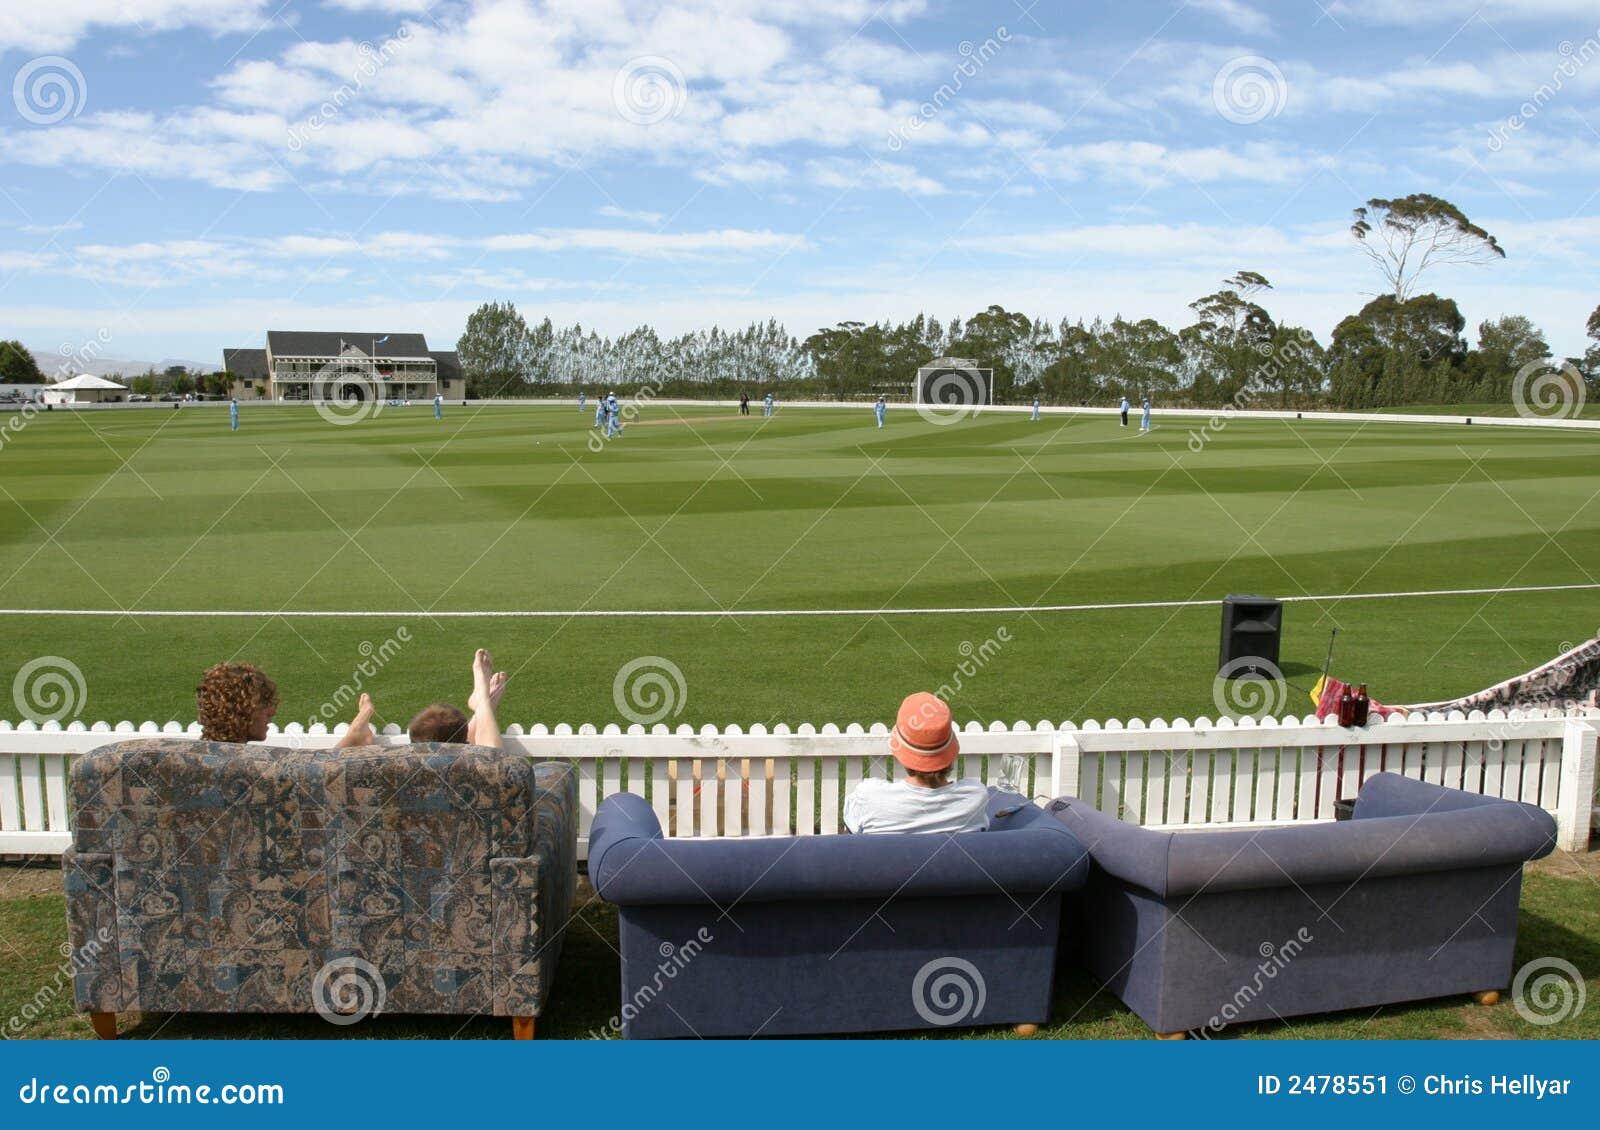 Watching a cricket match essay